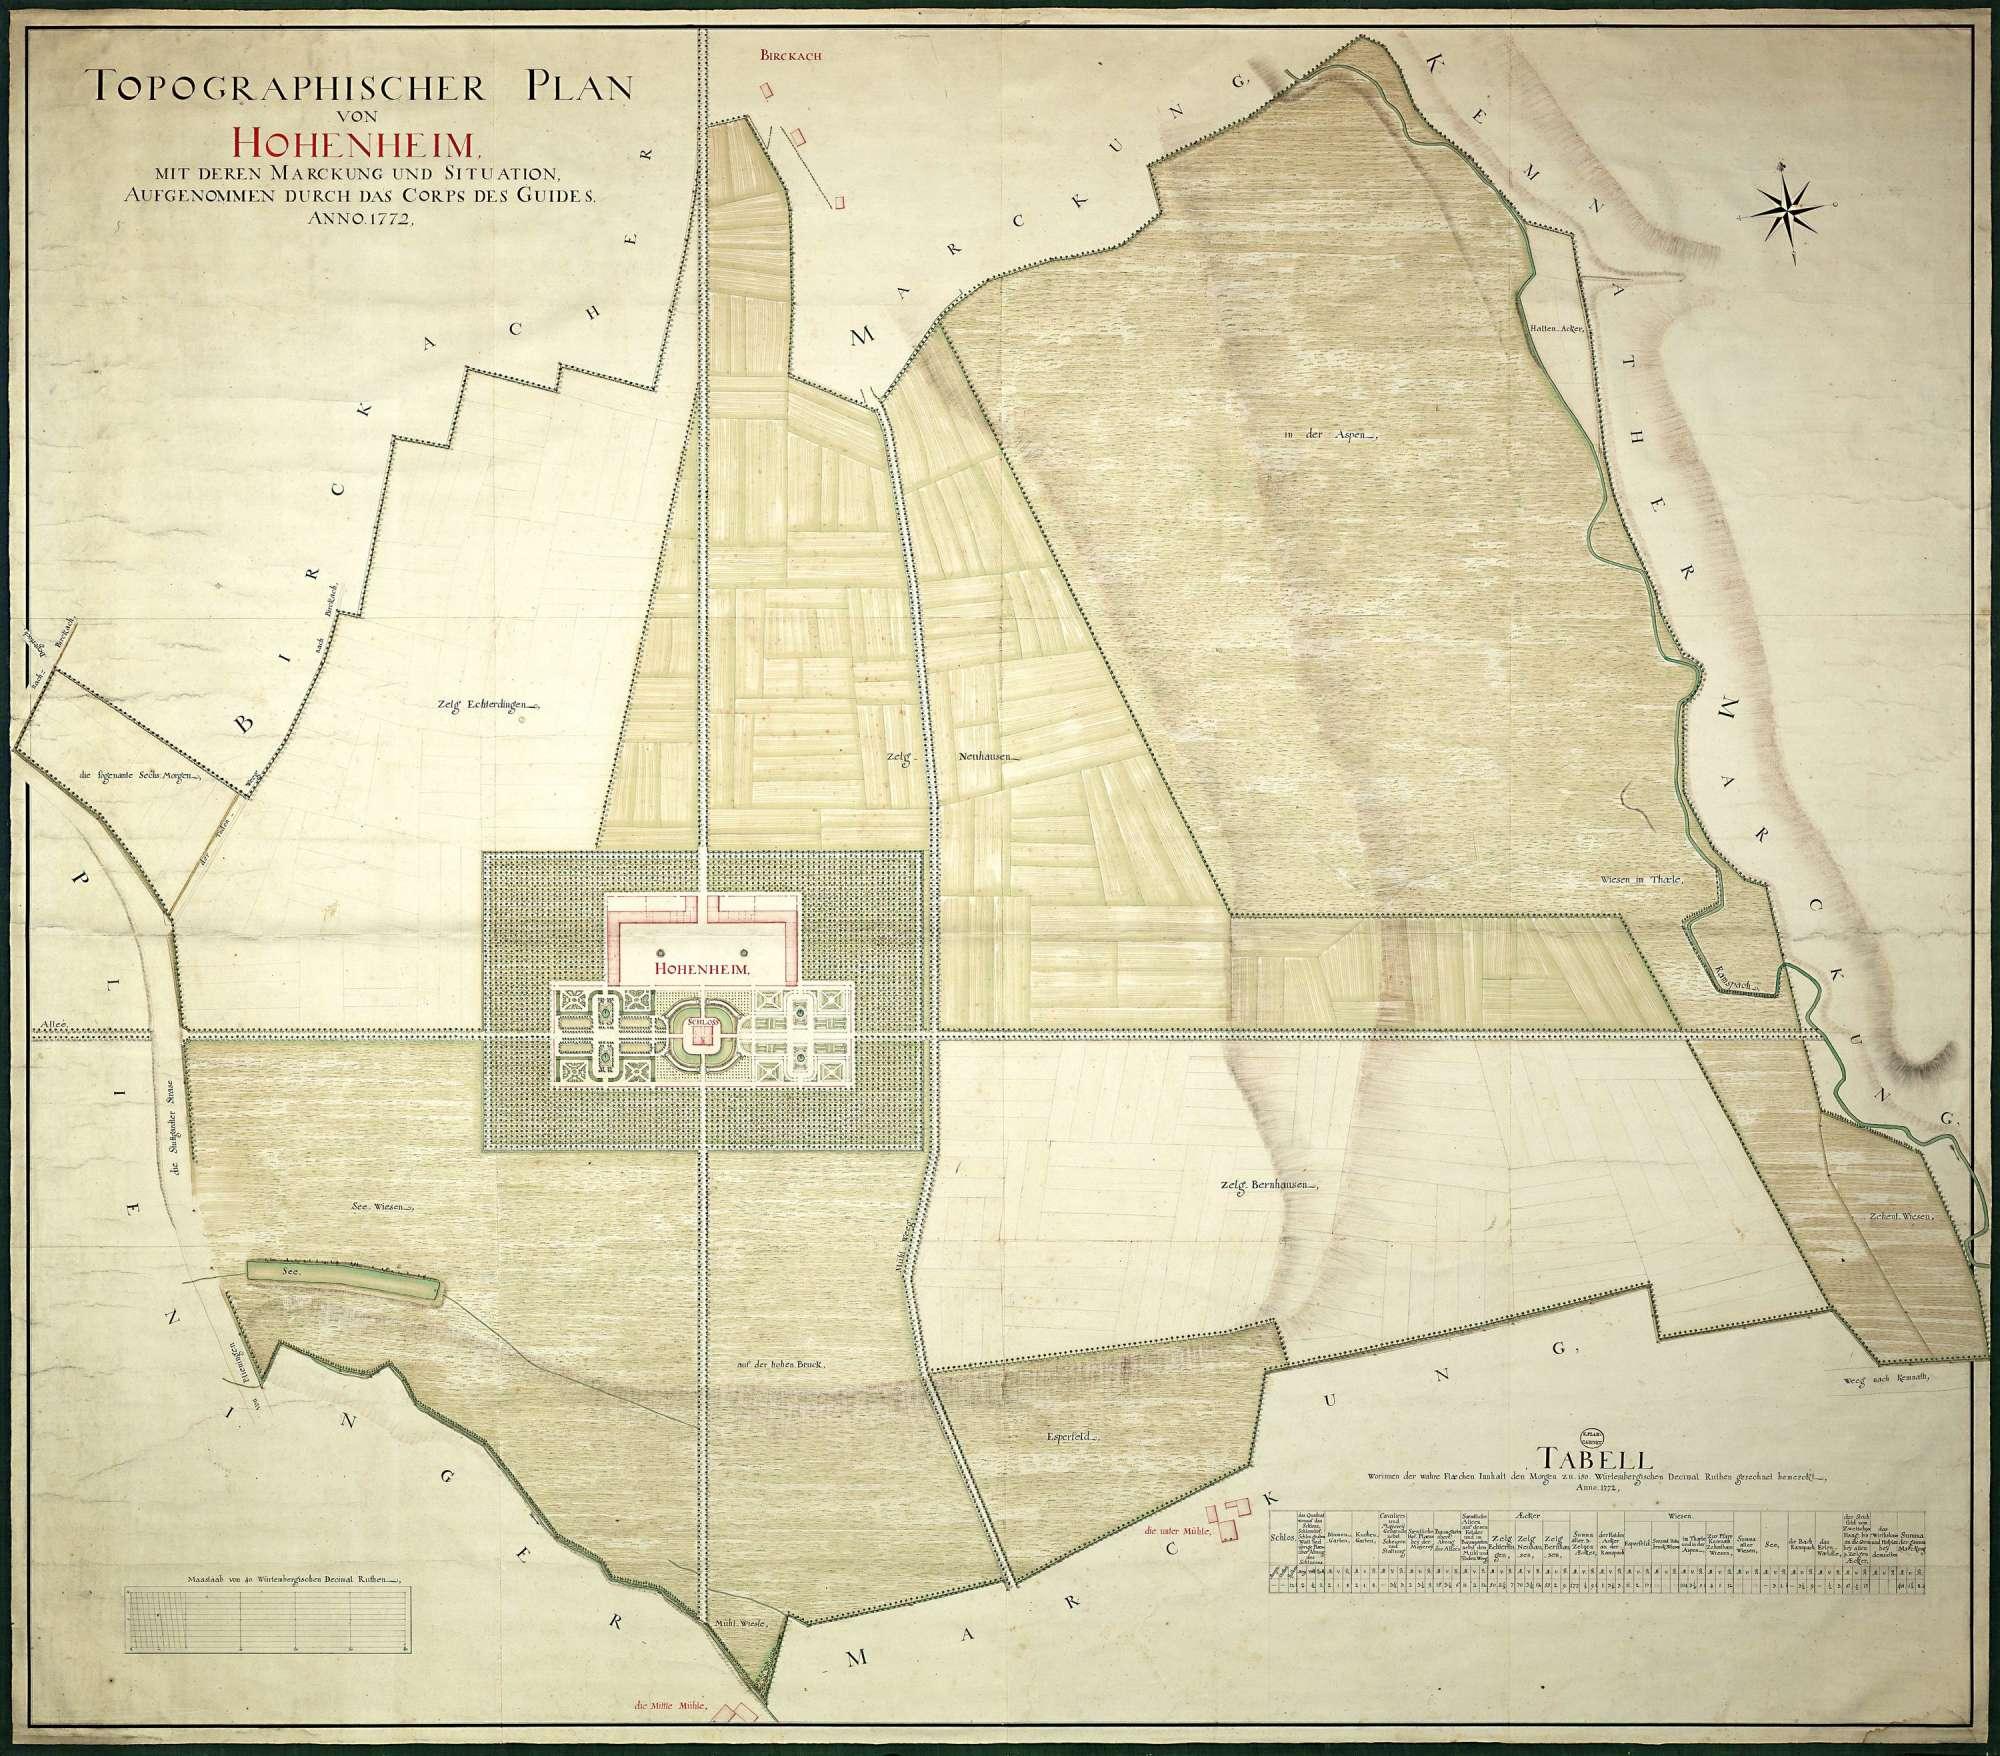 """""""Topographischer Plan von Hohenheim mit deren Markung und Situation, aufgenommen durch das Corps des Giuides Anno 1772"""", Bild 1"""